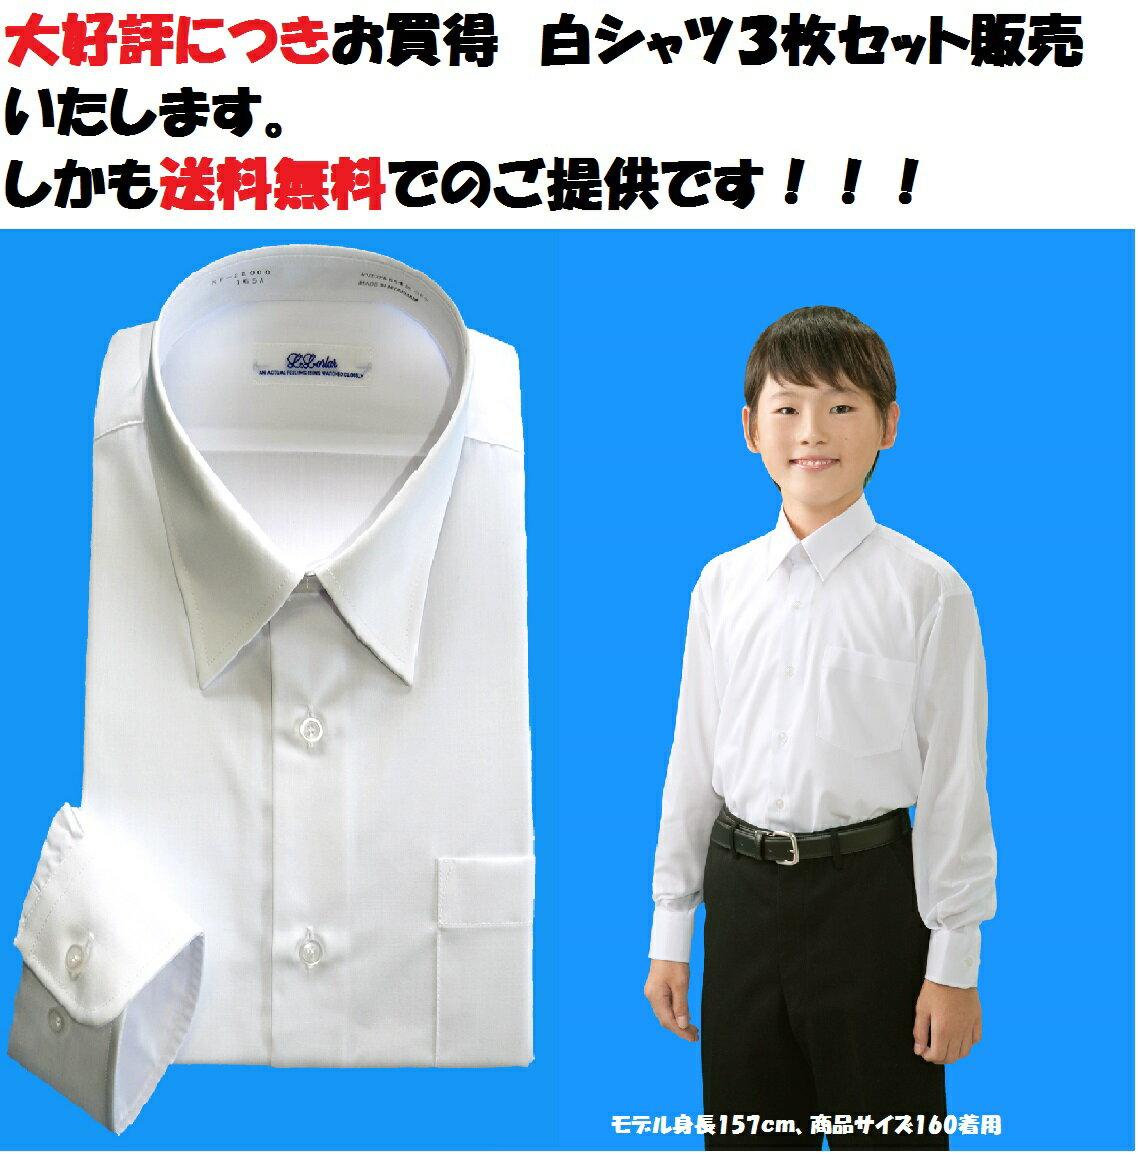 送料無料 スクールシャツ 白3枚セット カッターシャツ 男子 長袖【学生服】形態安定加工